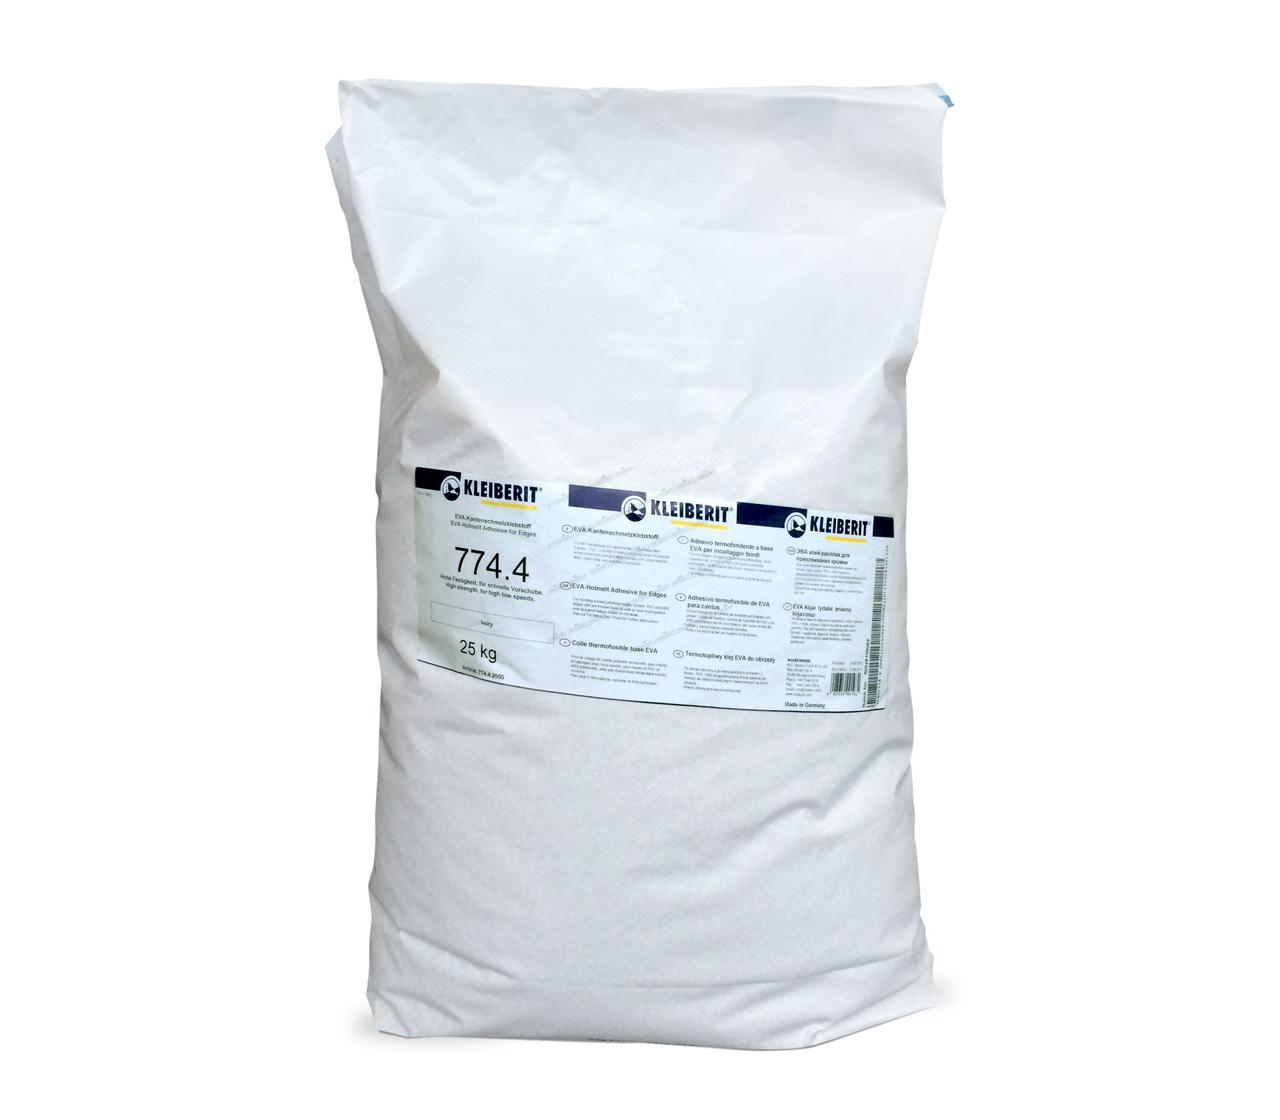 Клейберит 774.4 клей для кромки высокотемпературный 25 кг (Kleiberit 774.4)